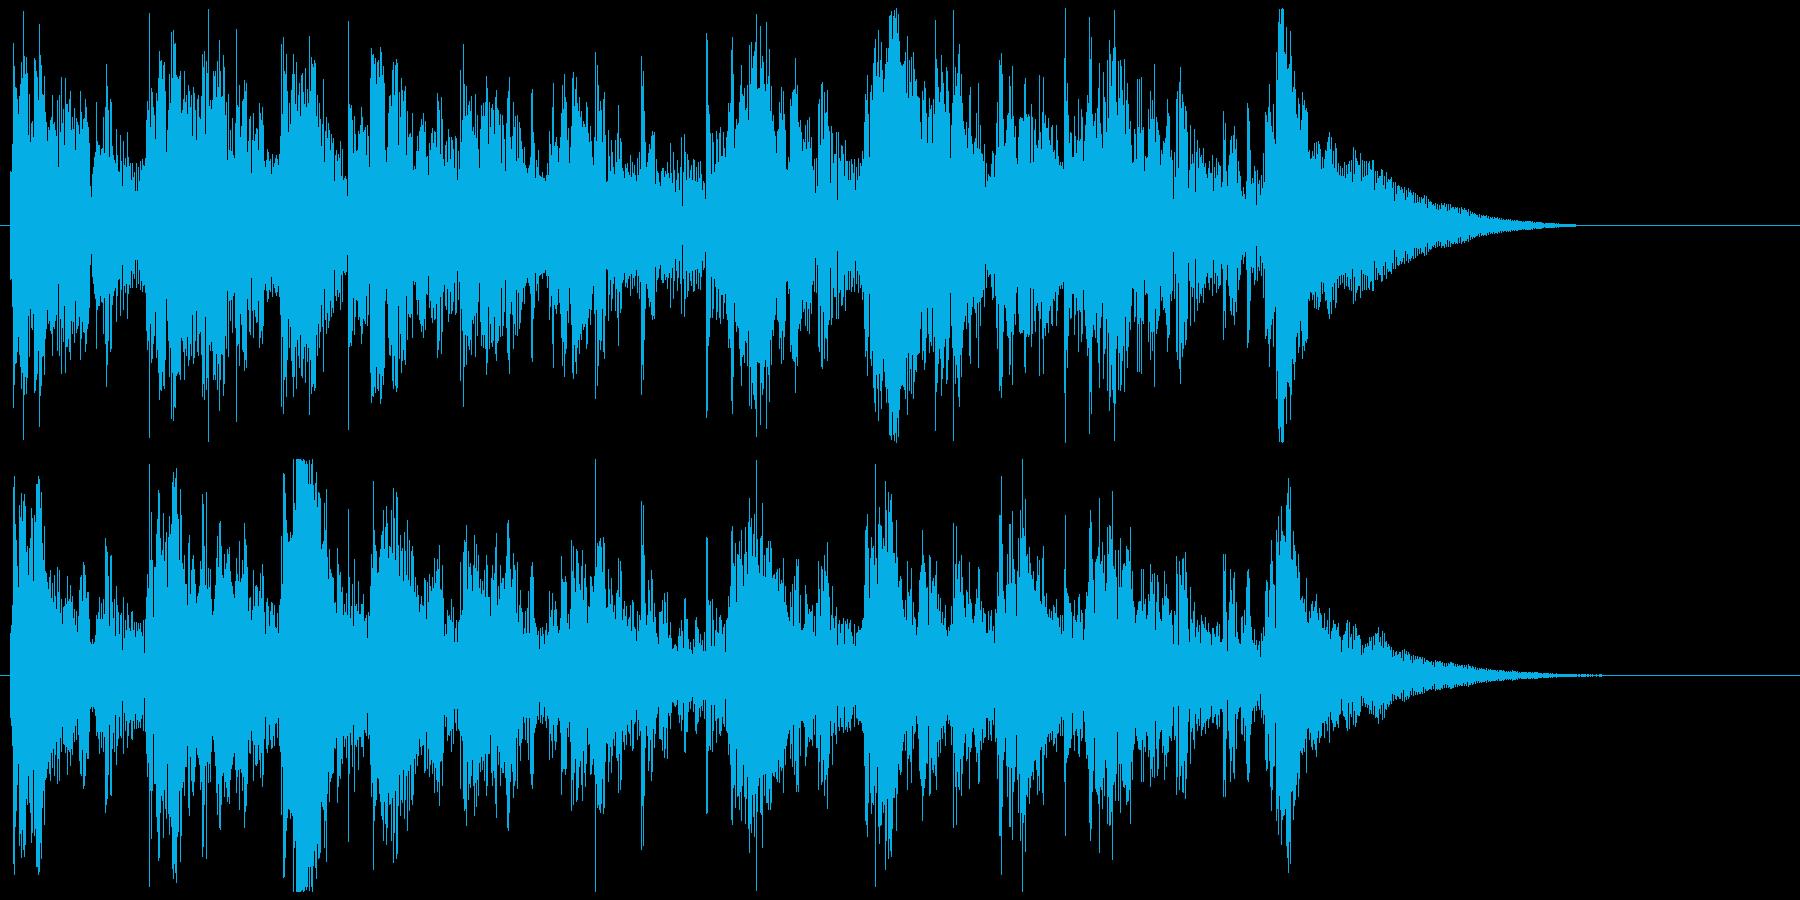 トロピカルな南国風ジングル アイキャッチの再生済みの波形